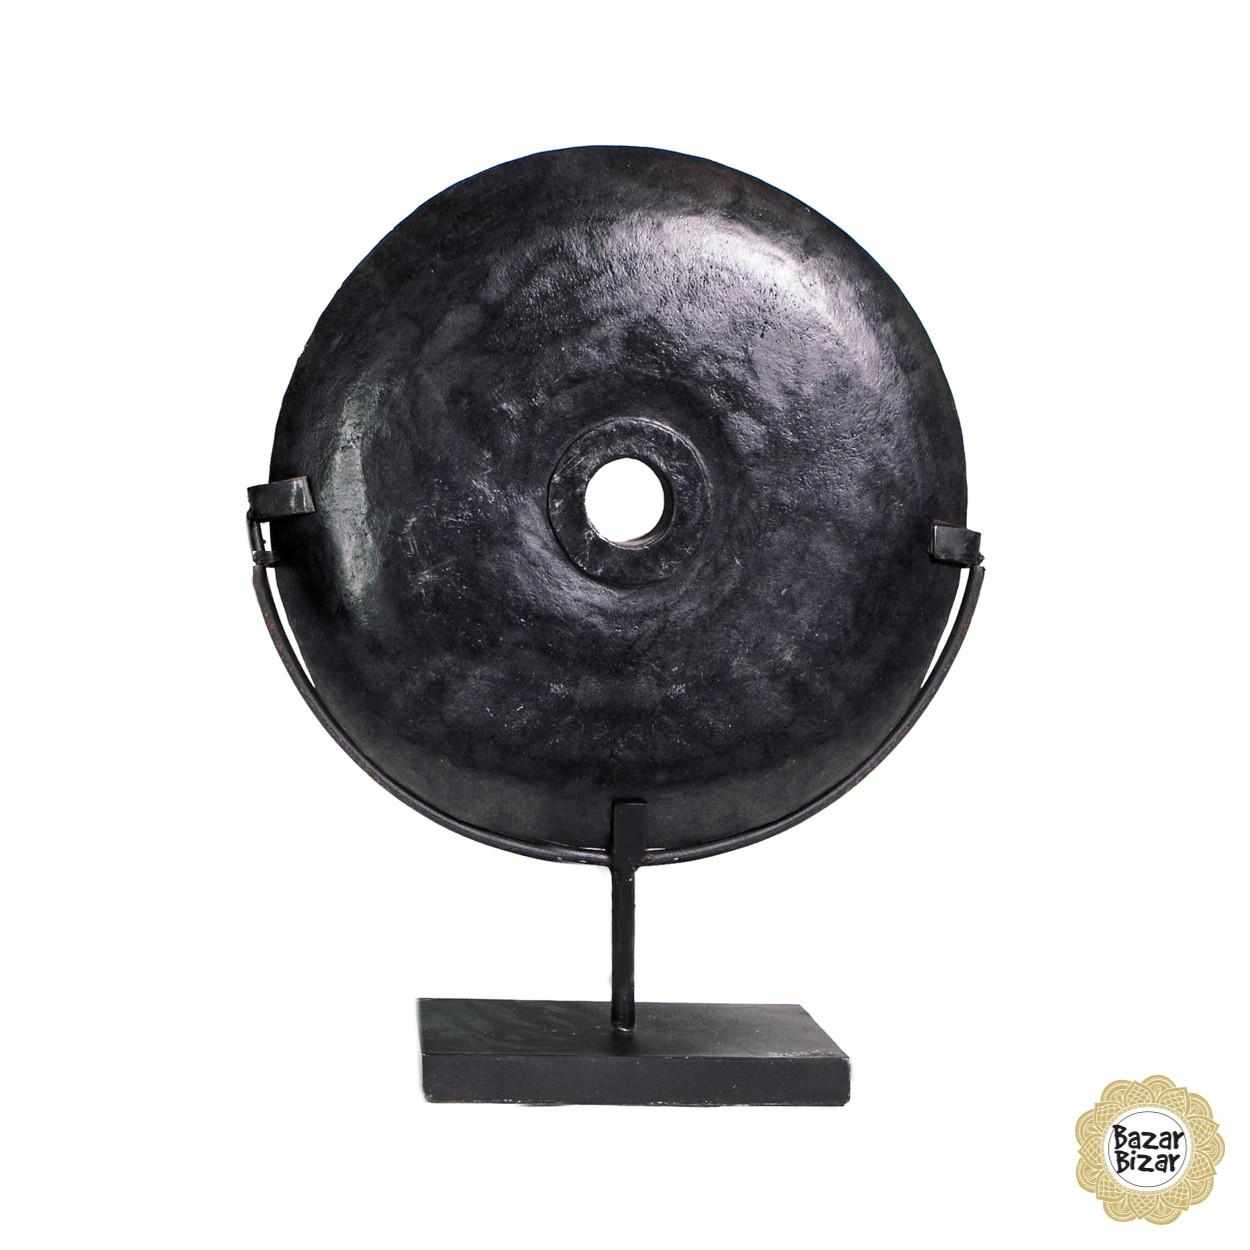 Een  grote, zwarte, ronde, gepolierde riviersteen op een op maat gemaakte standaard als decoratiestuk.